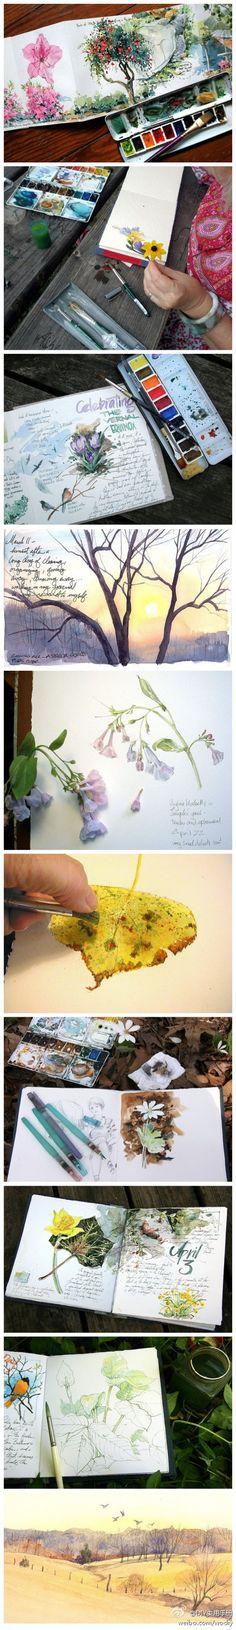 欣赏~  Watercolor with pressed flowers. Gorgeous